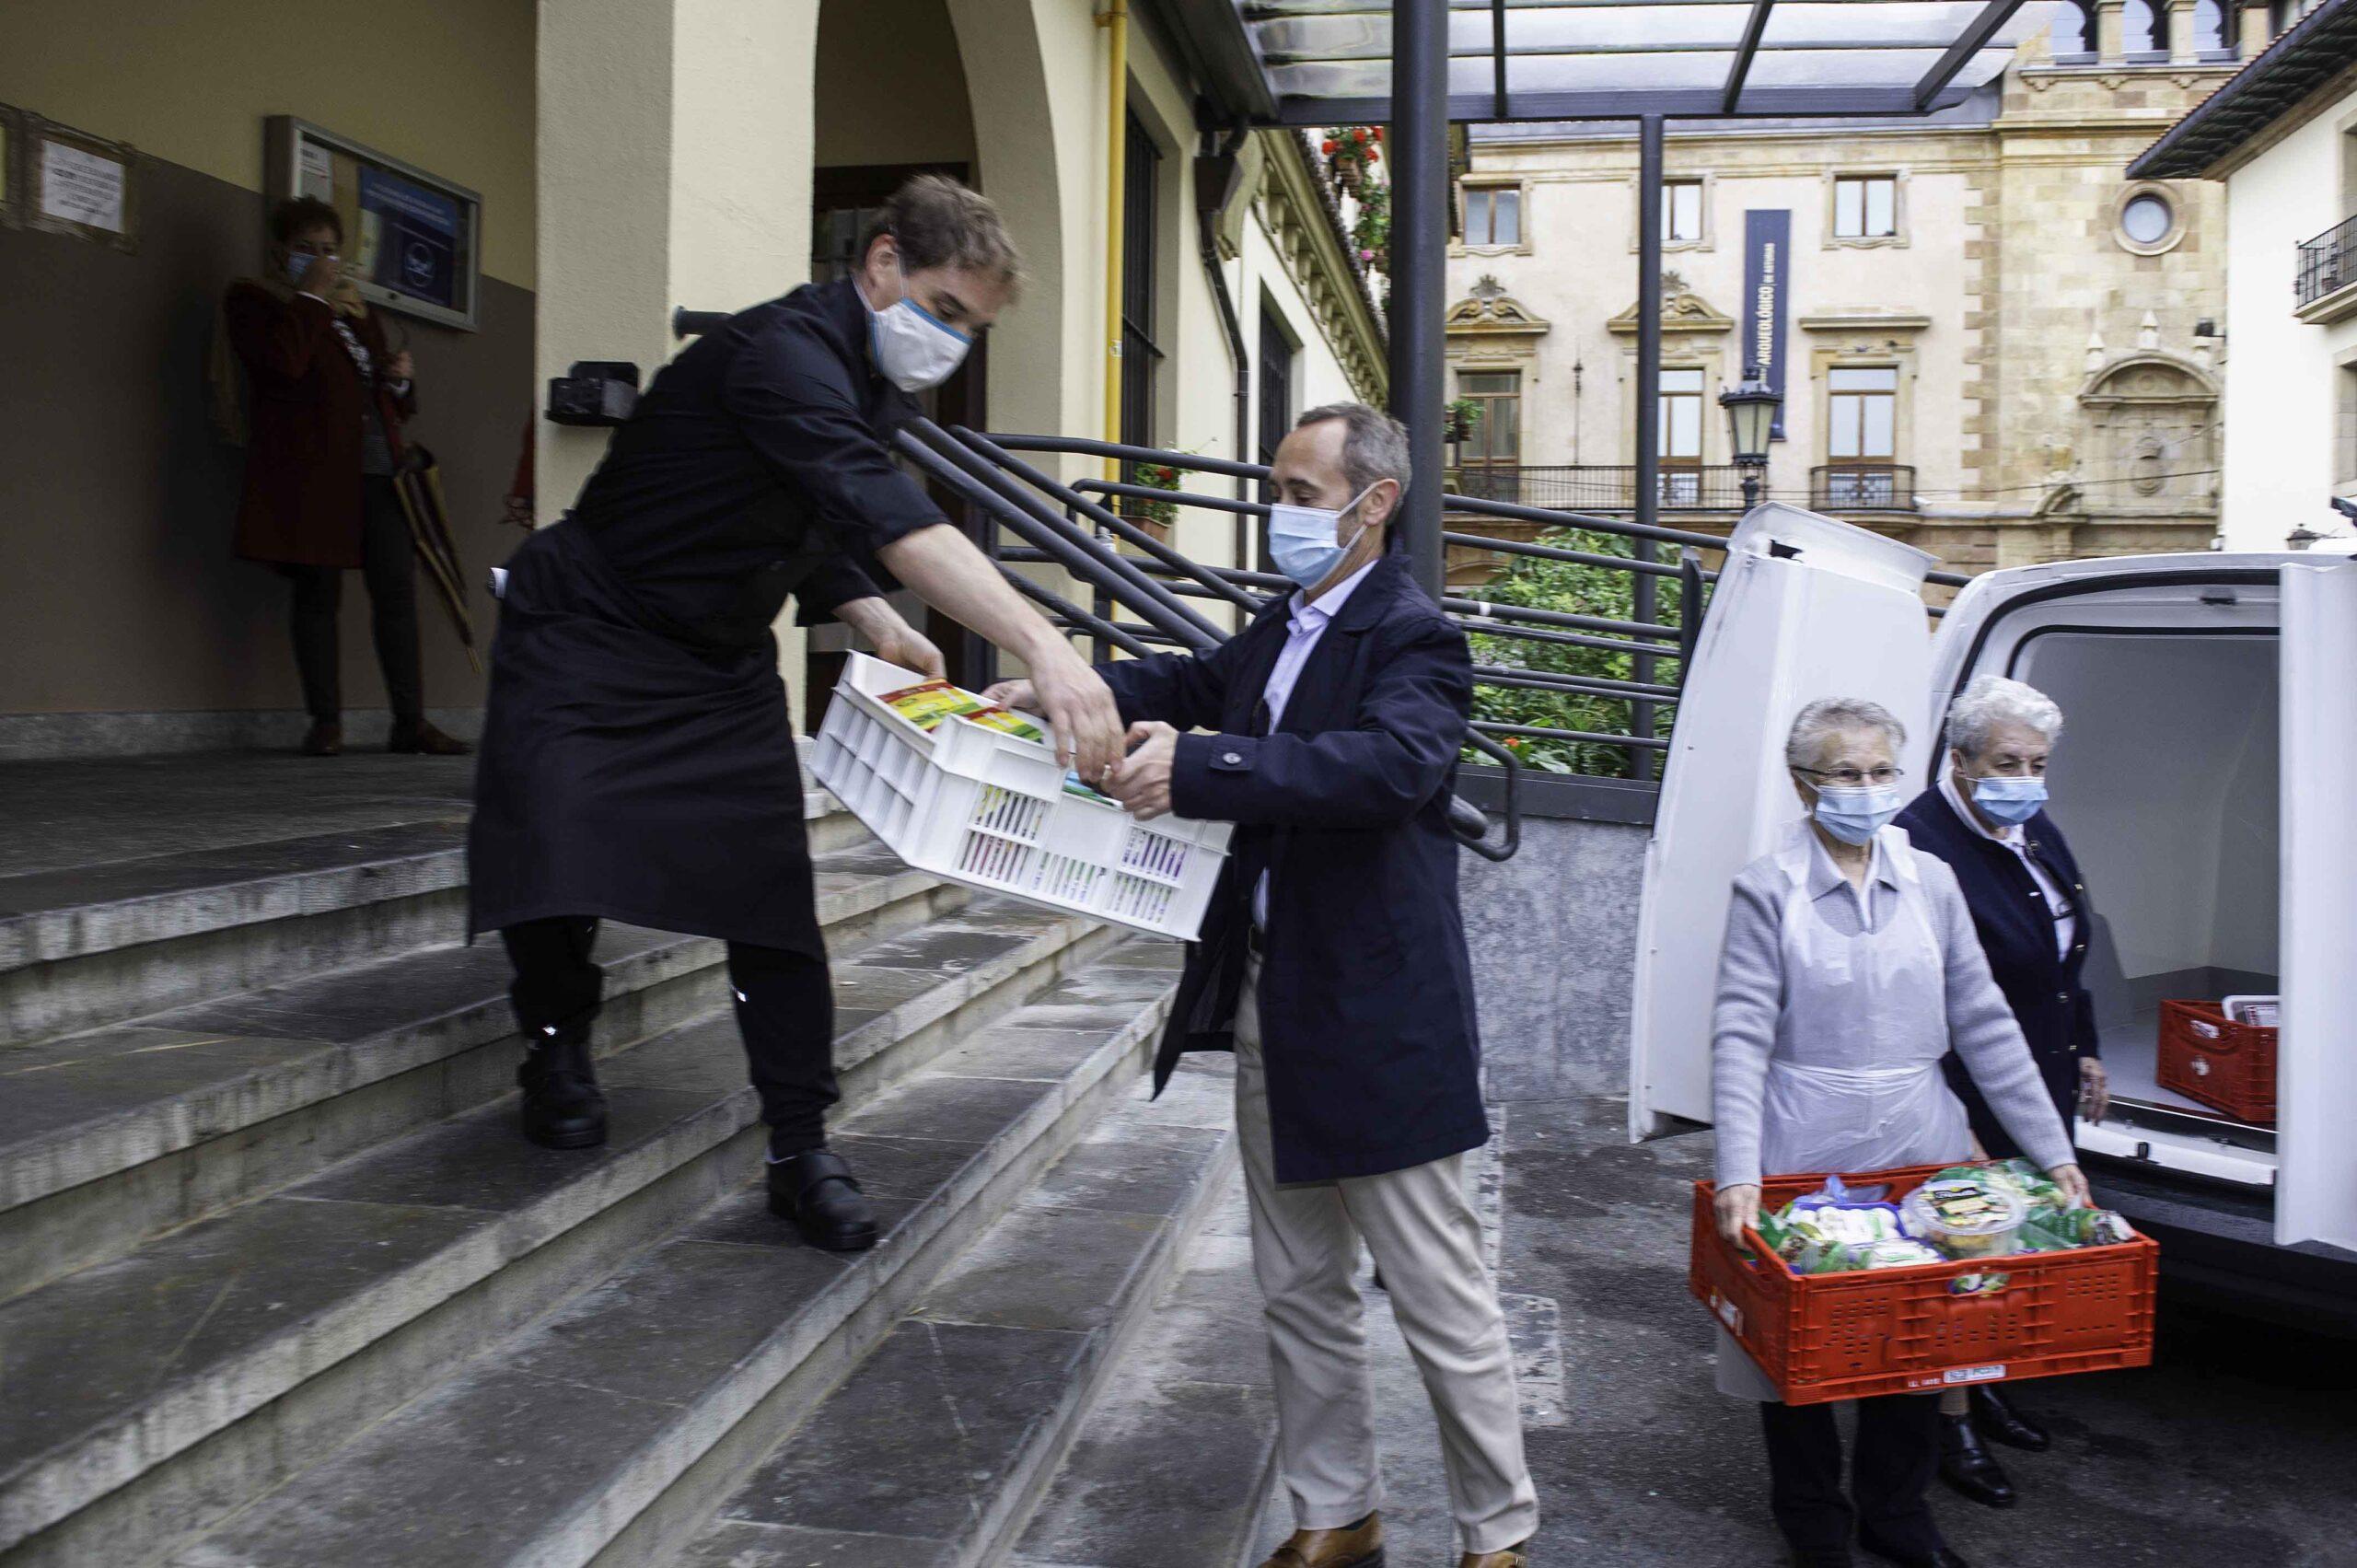 La hostelería dona 300 menús del Desarme a la Cocina Económica en el «peor año para todos»